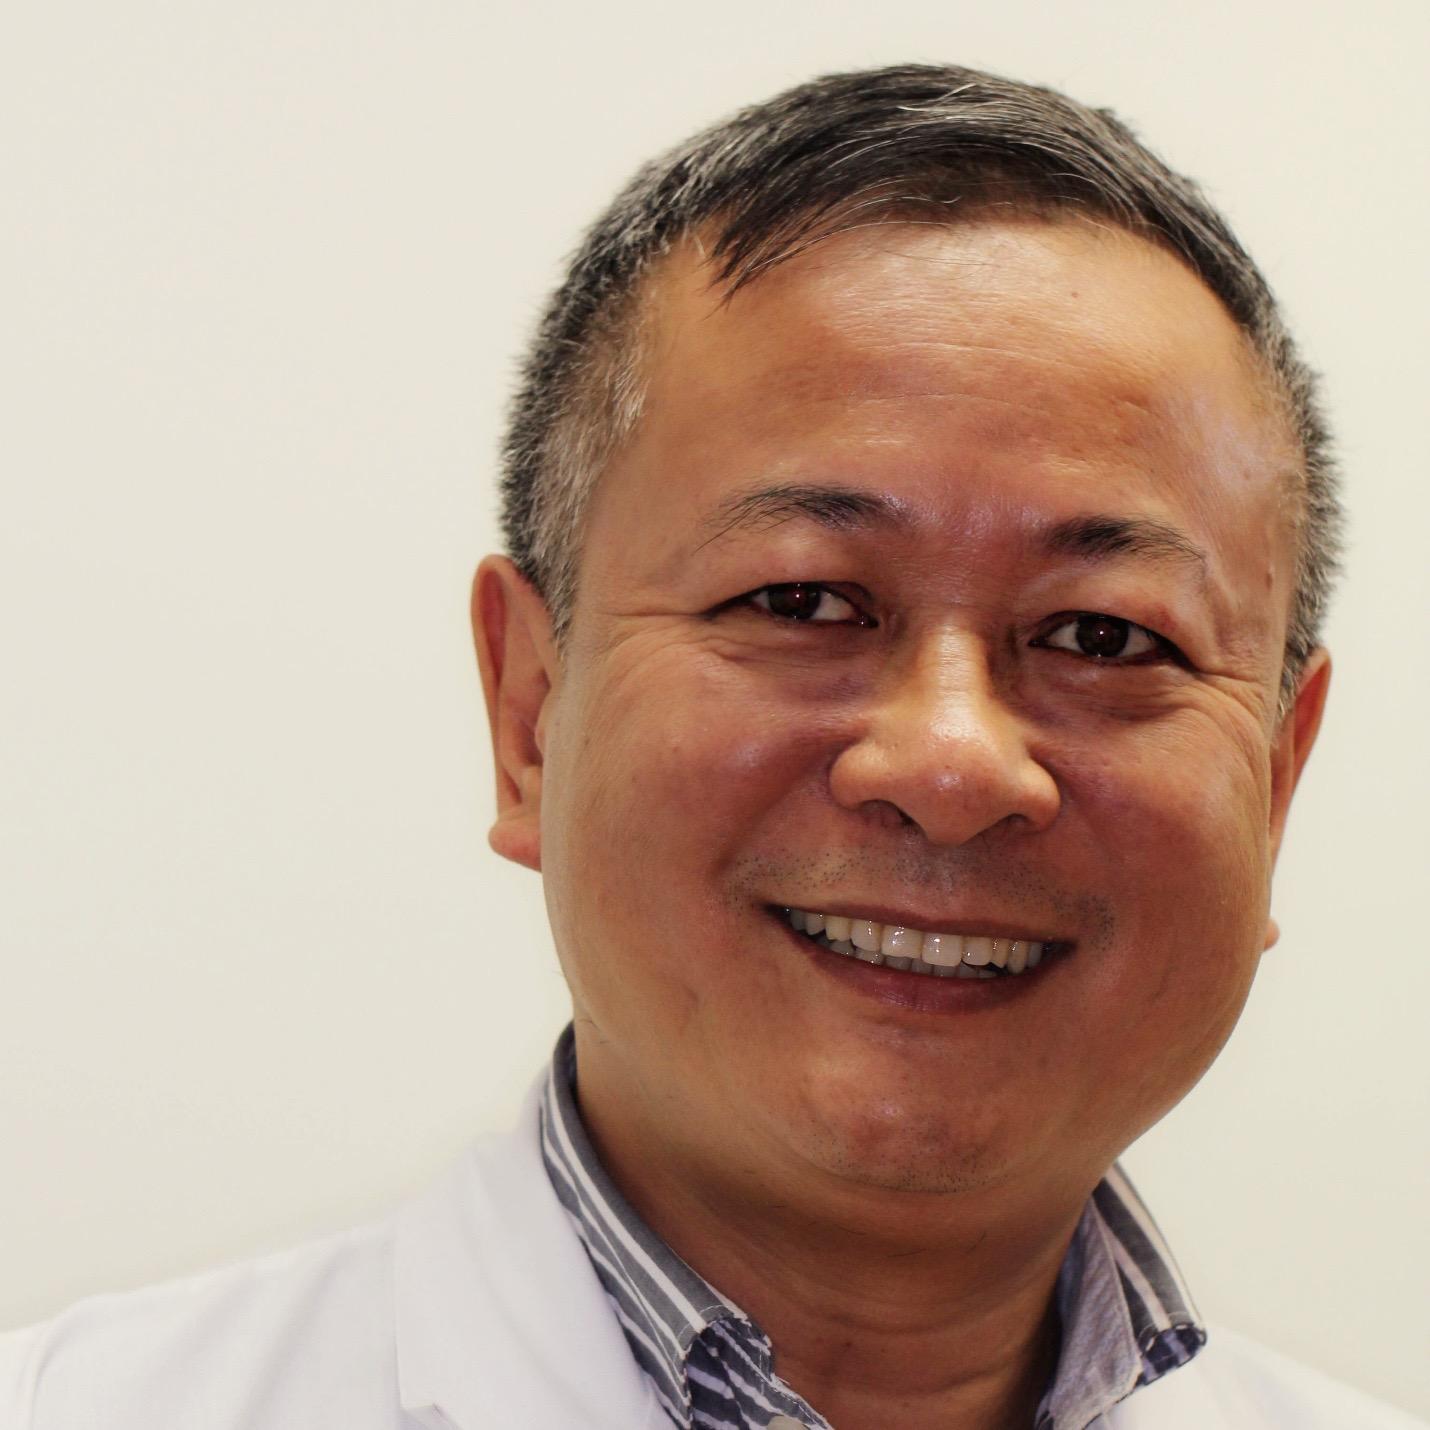 Dr. Mike Zhong